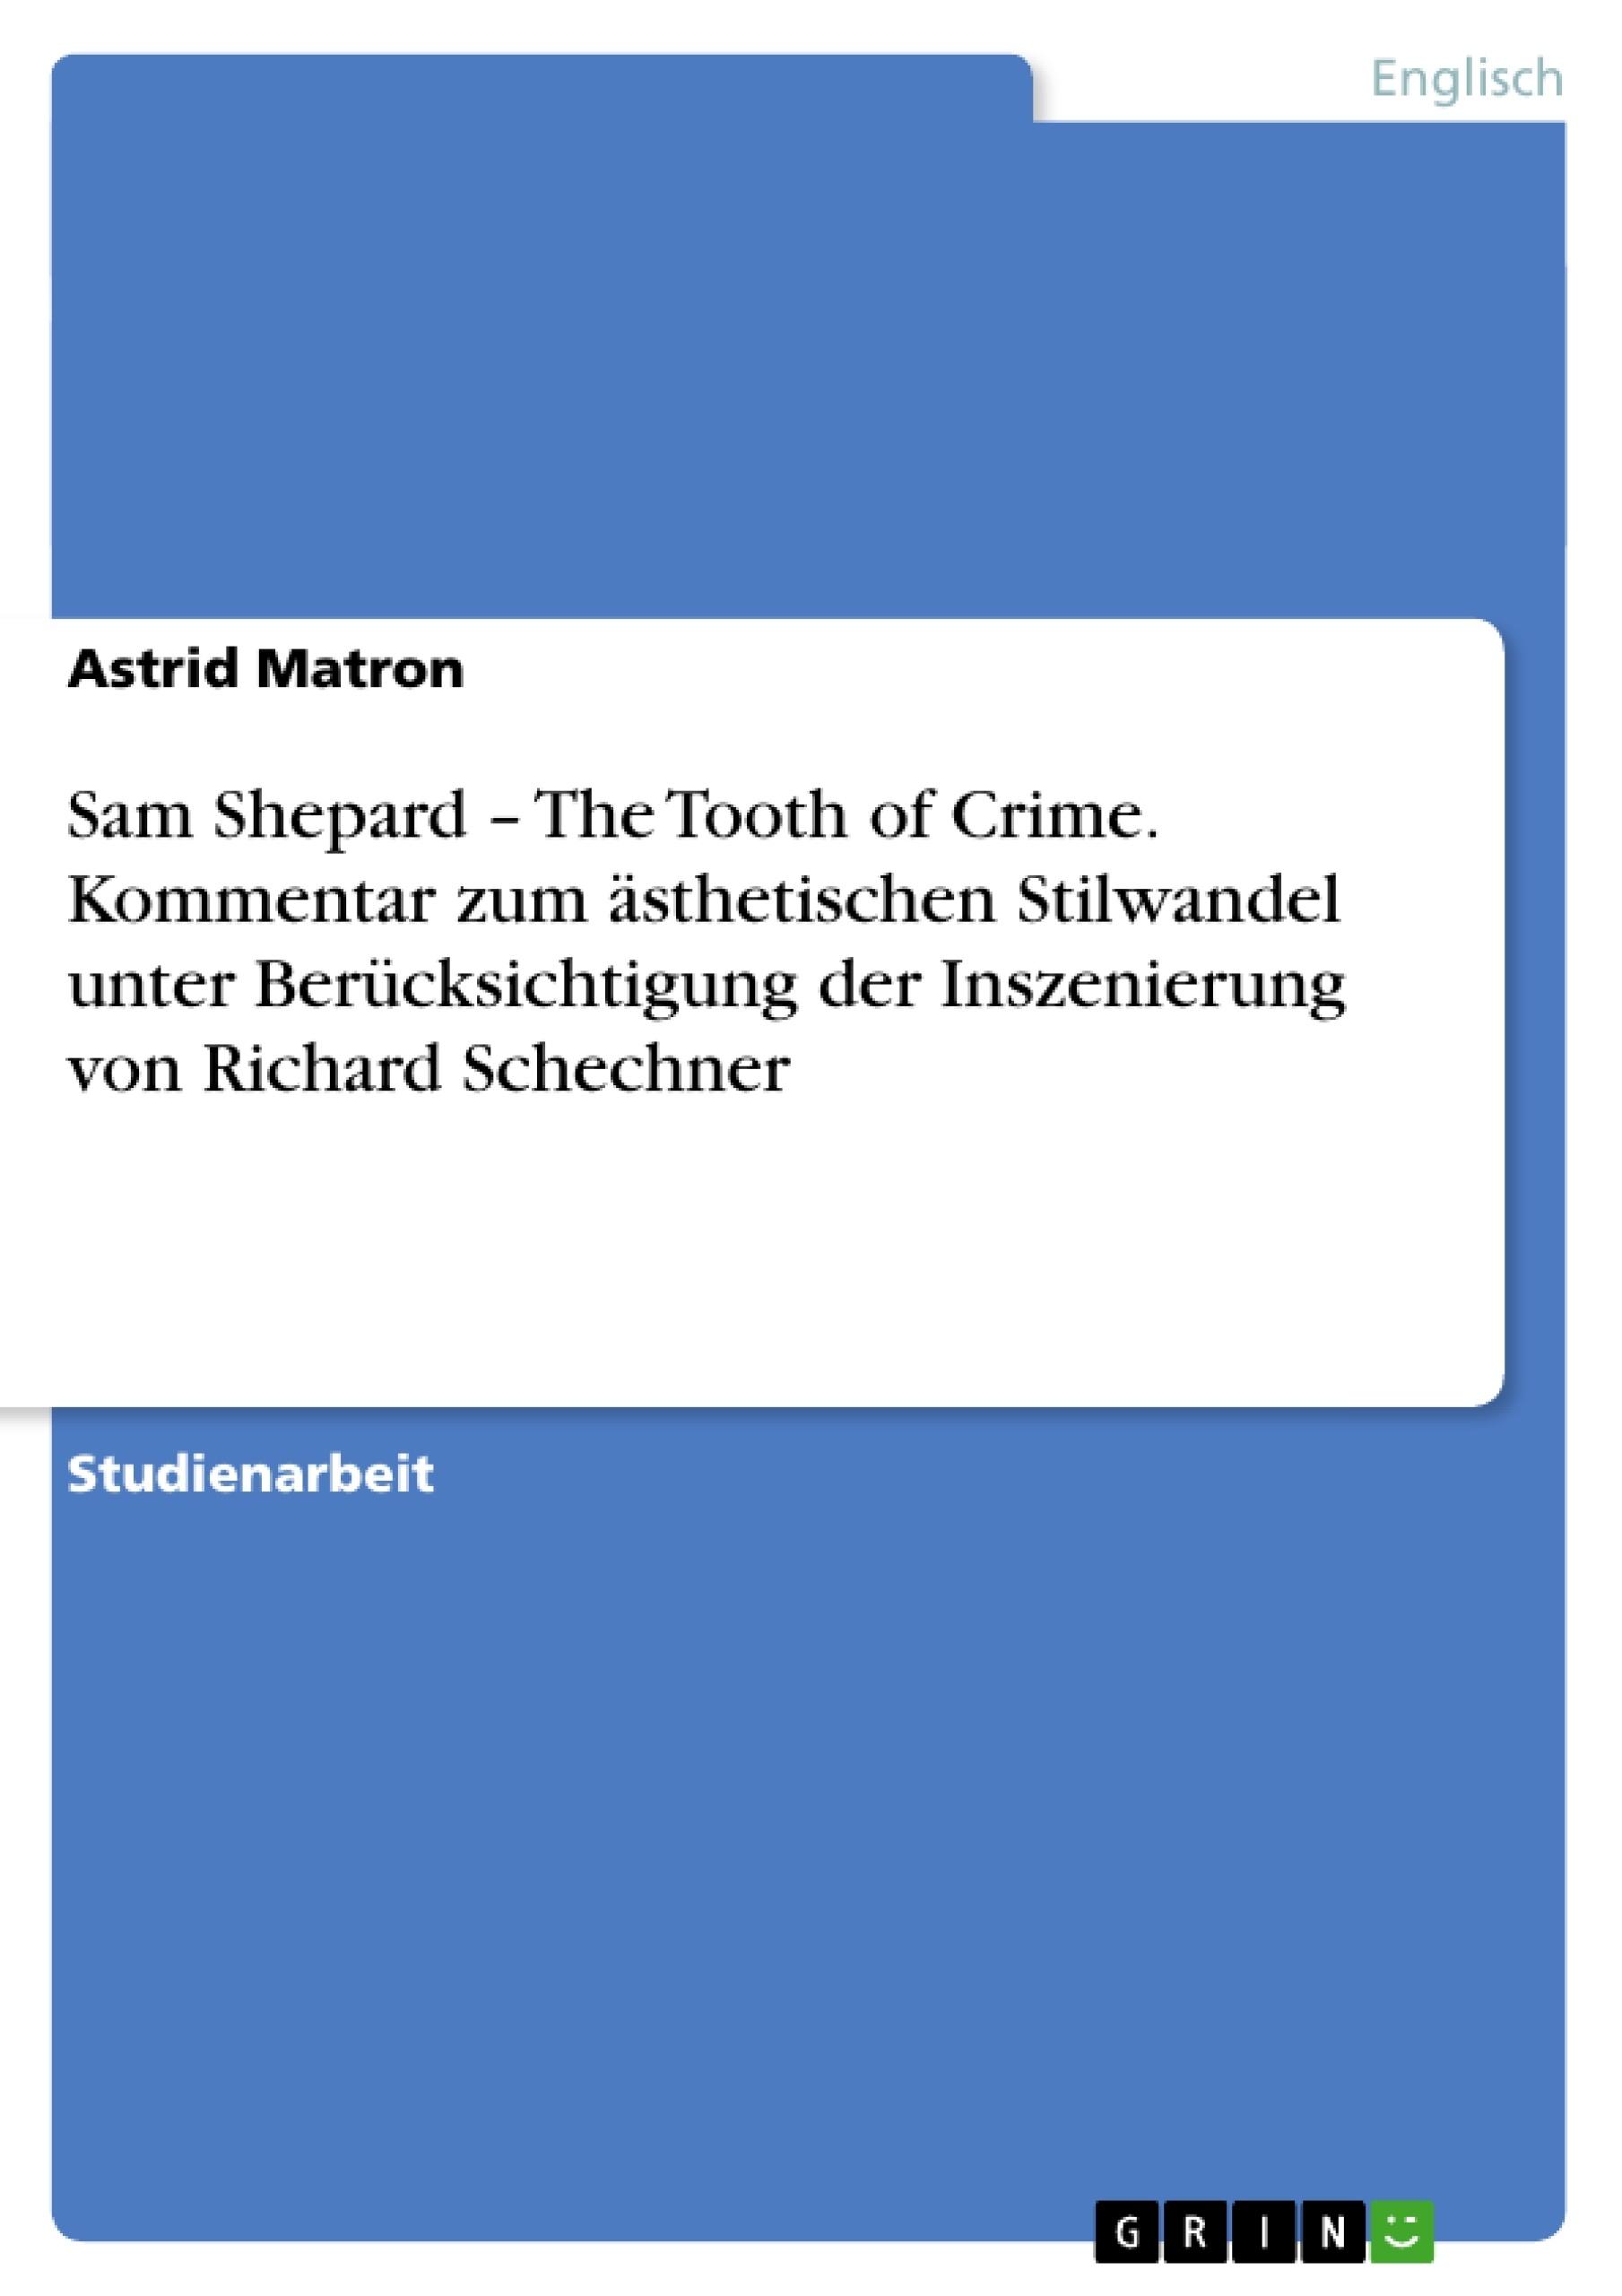 Titel: Sam Shepard – The Tooth of Crime. Kommentar zum ästhetischen Stilwandel unter Berücksichtigung der Inszenierung von Richard Schechner